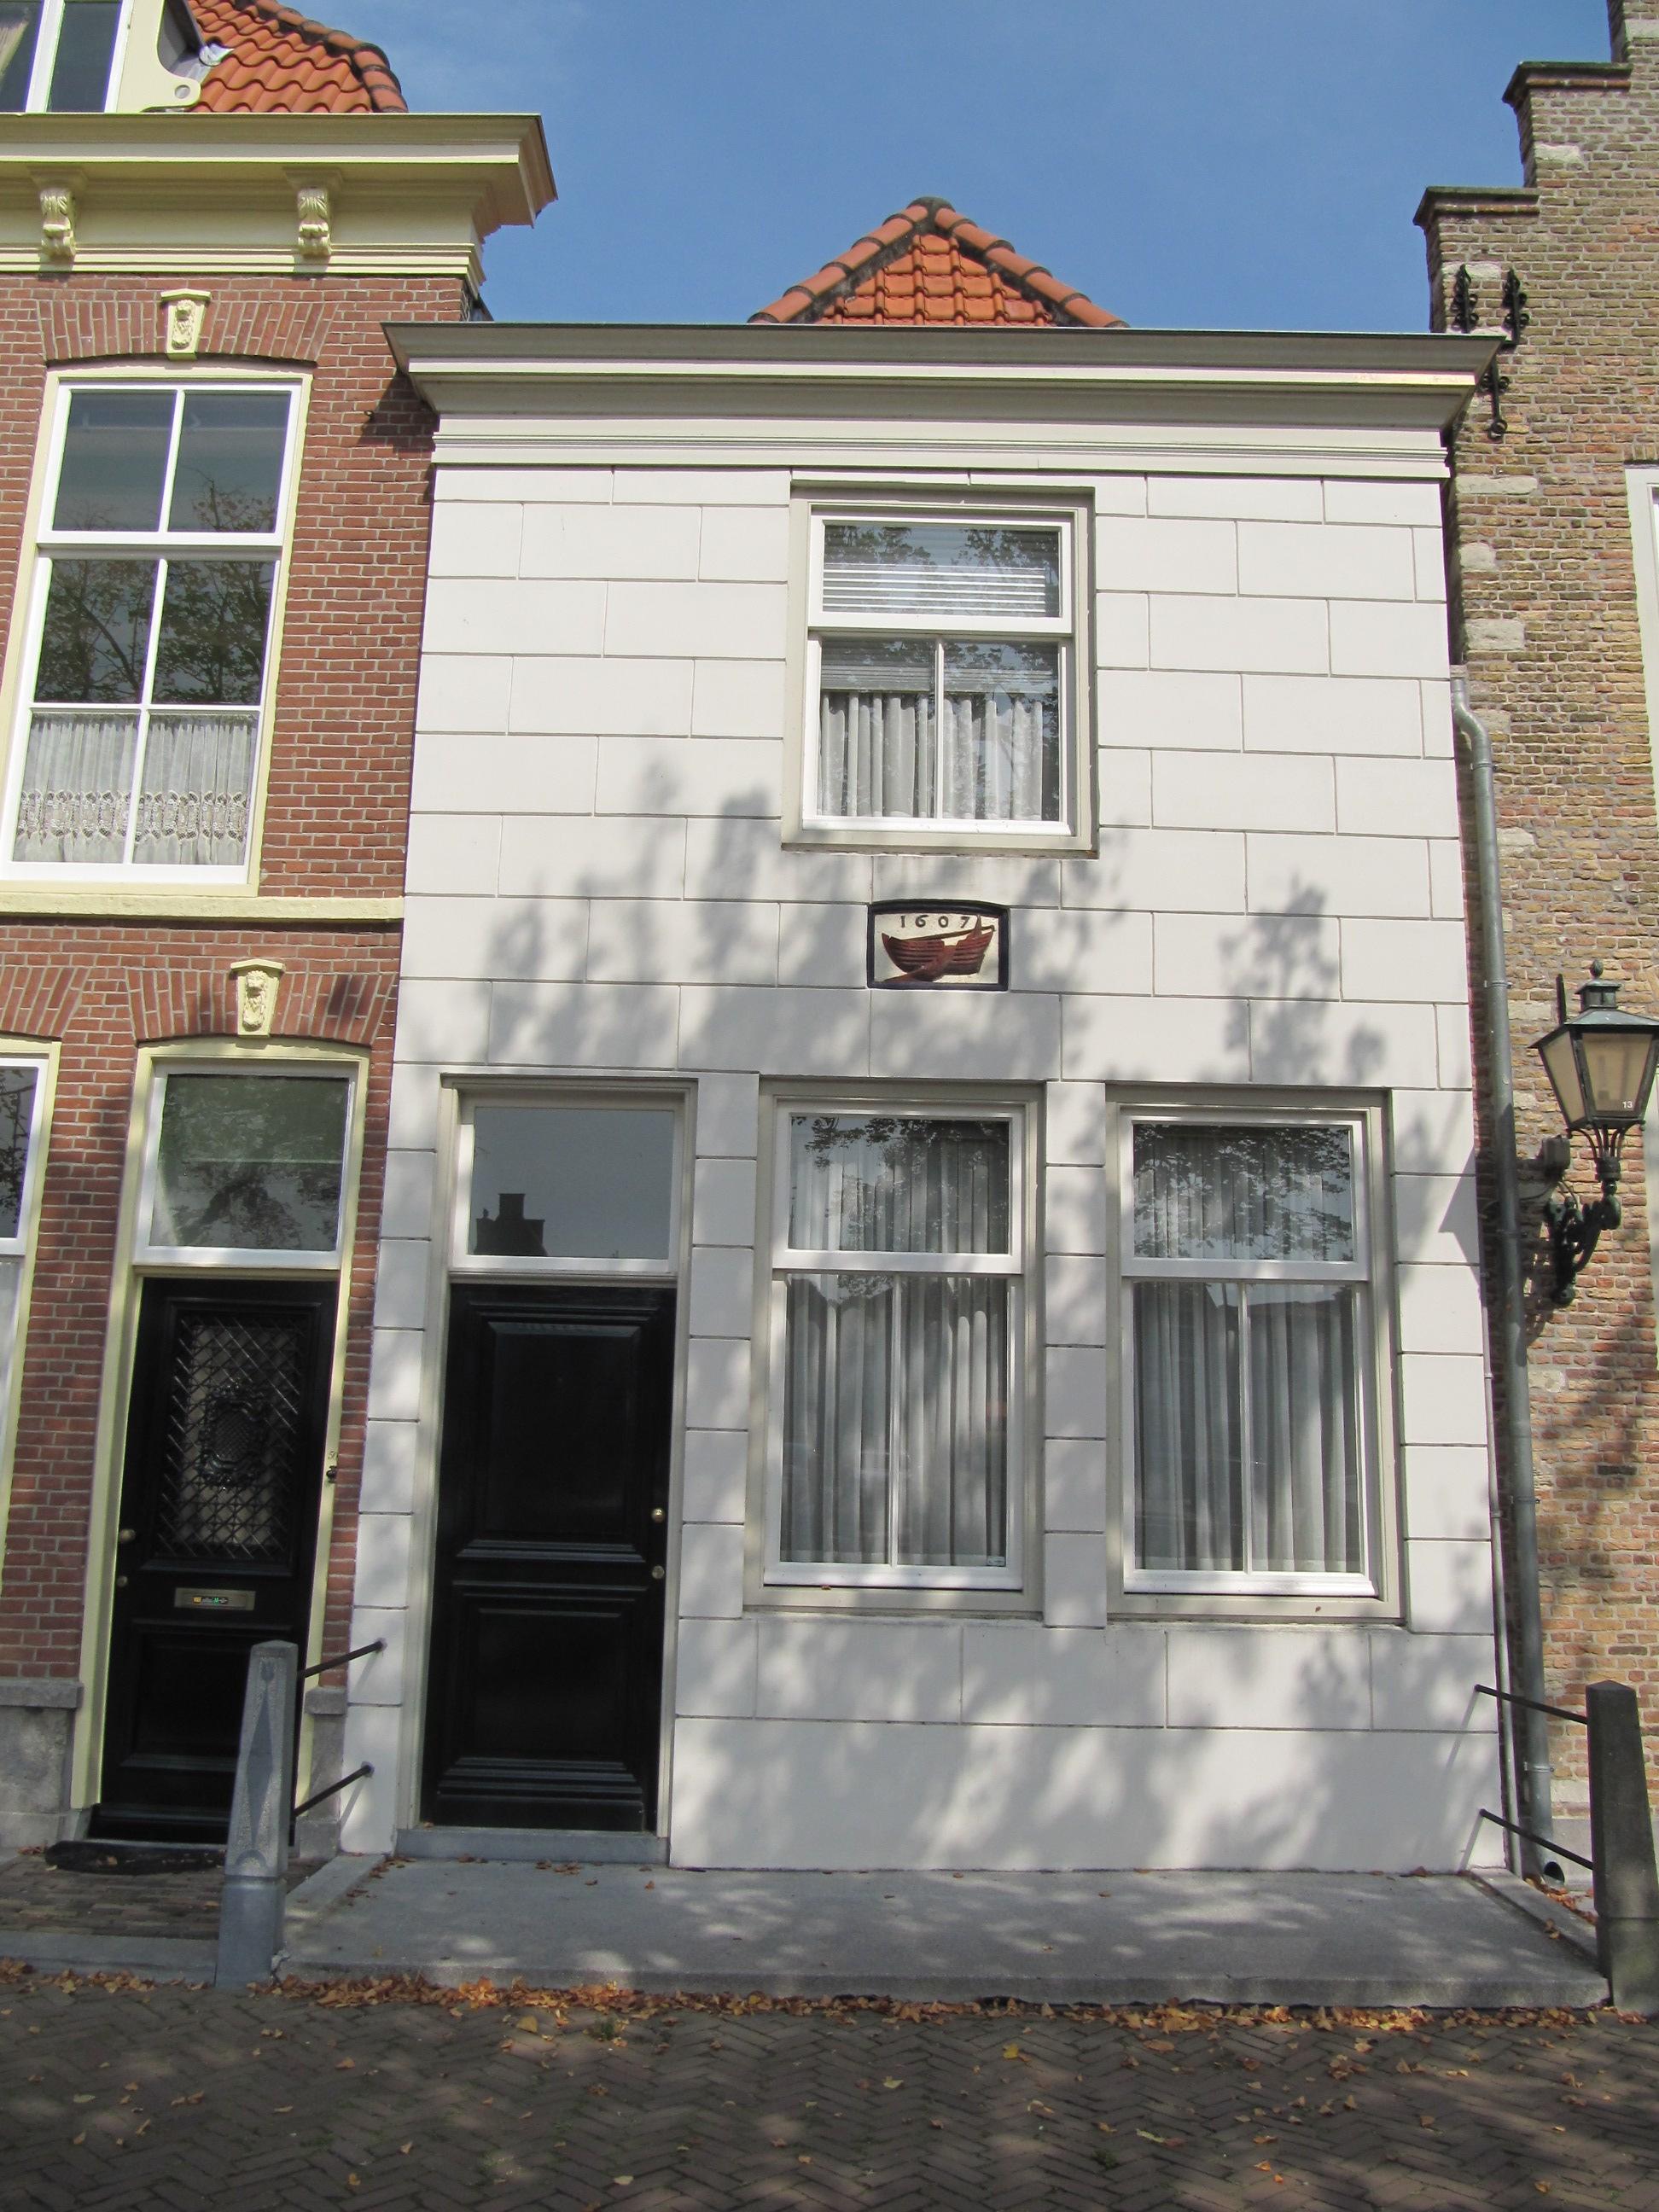 Huis met gepleisterde gevel onder lijst met gevelsteen waarop schip en jaartal in brielle - Oude huis gevel ...